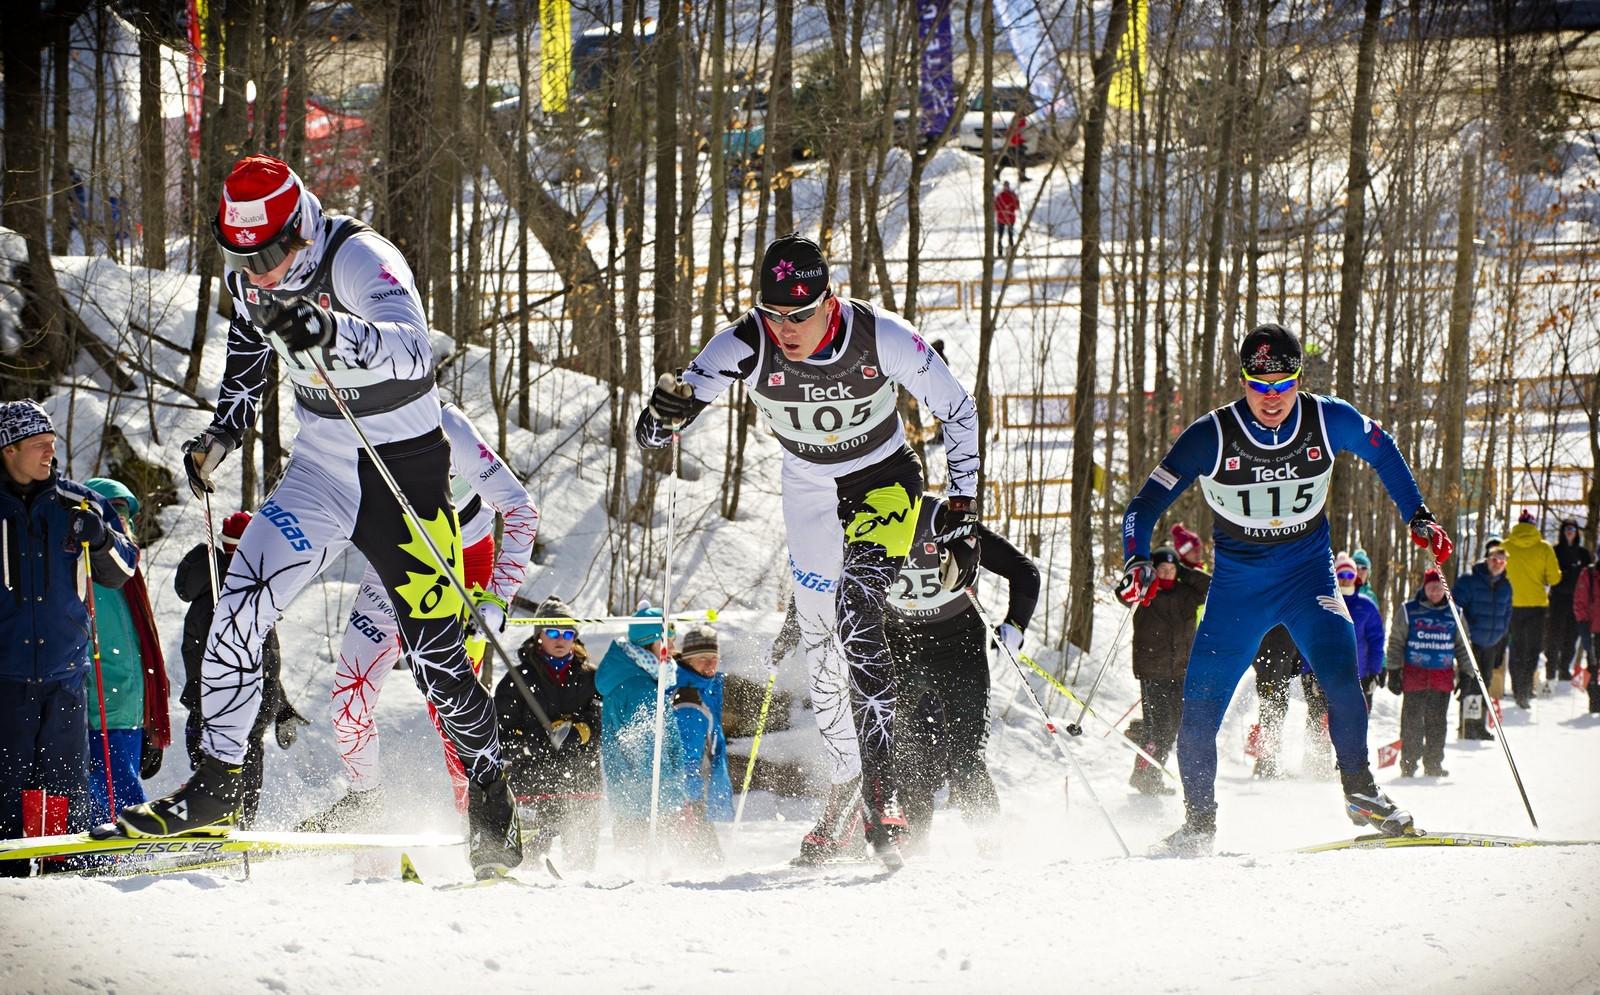 Běžecké lyžování bylo zařazeno mezi olympijské sporty v roce 1924. Až poměrně nedávno, v roce 1988, se od sebe oddělily klasická i volná technika